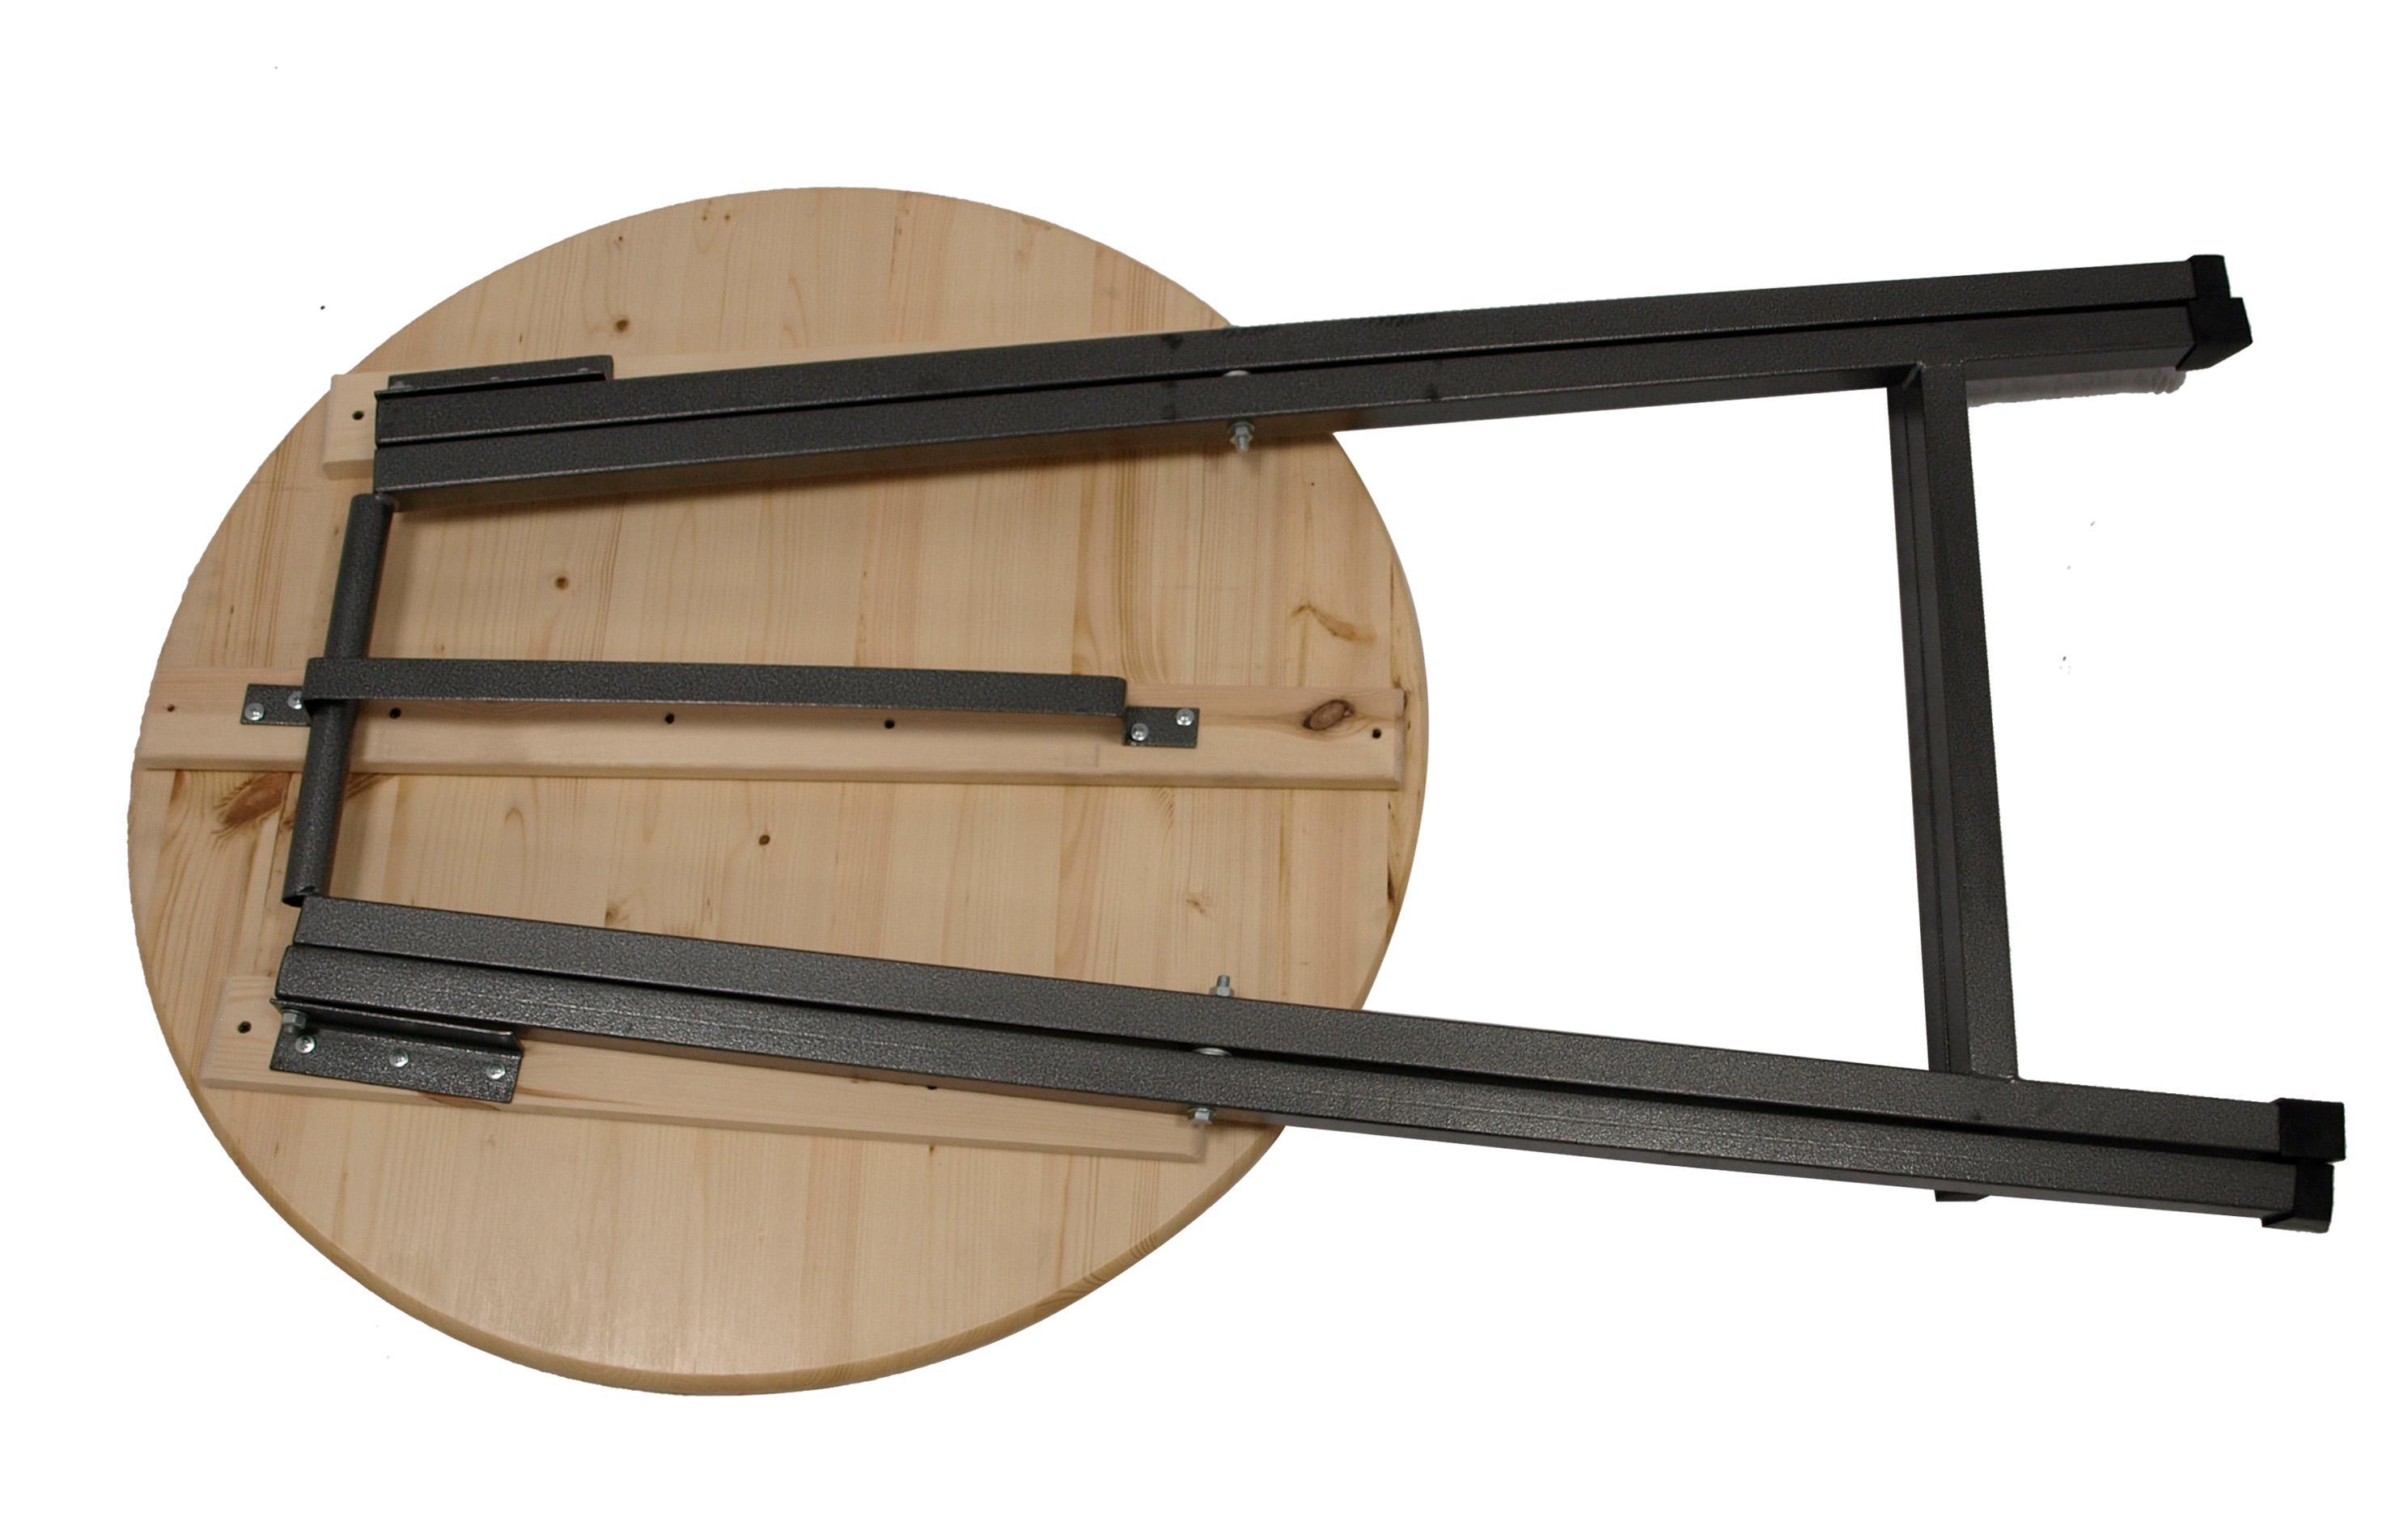 Stehtisch ZÜRICH 78cm klappbar, Metall + Holz lackiert